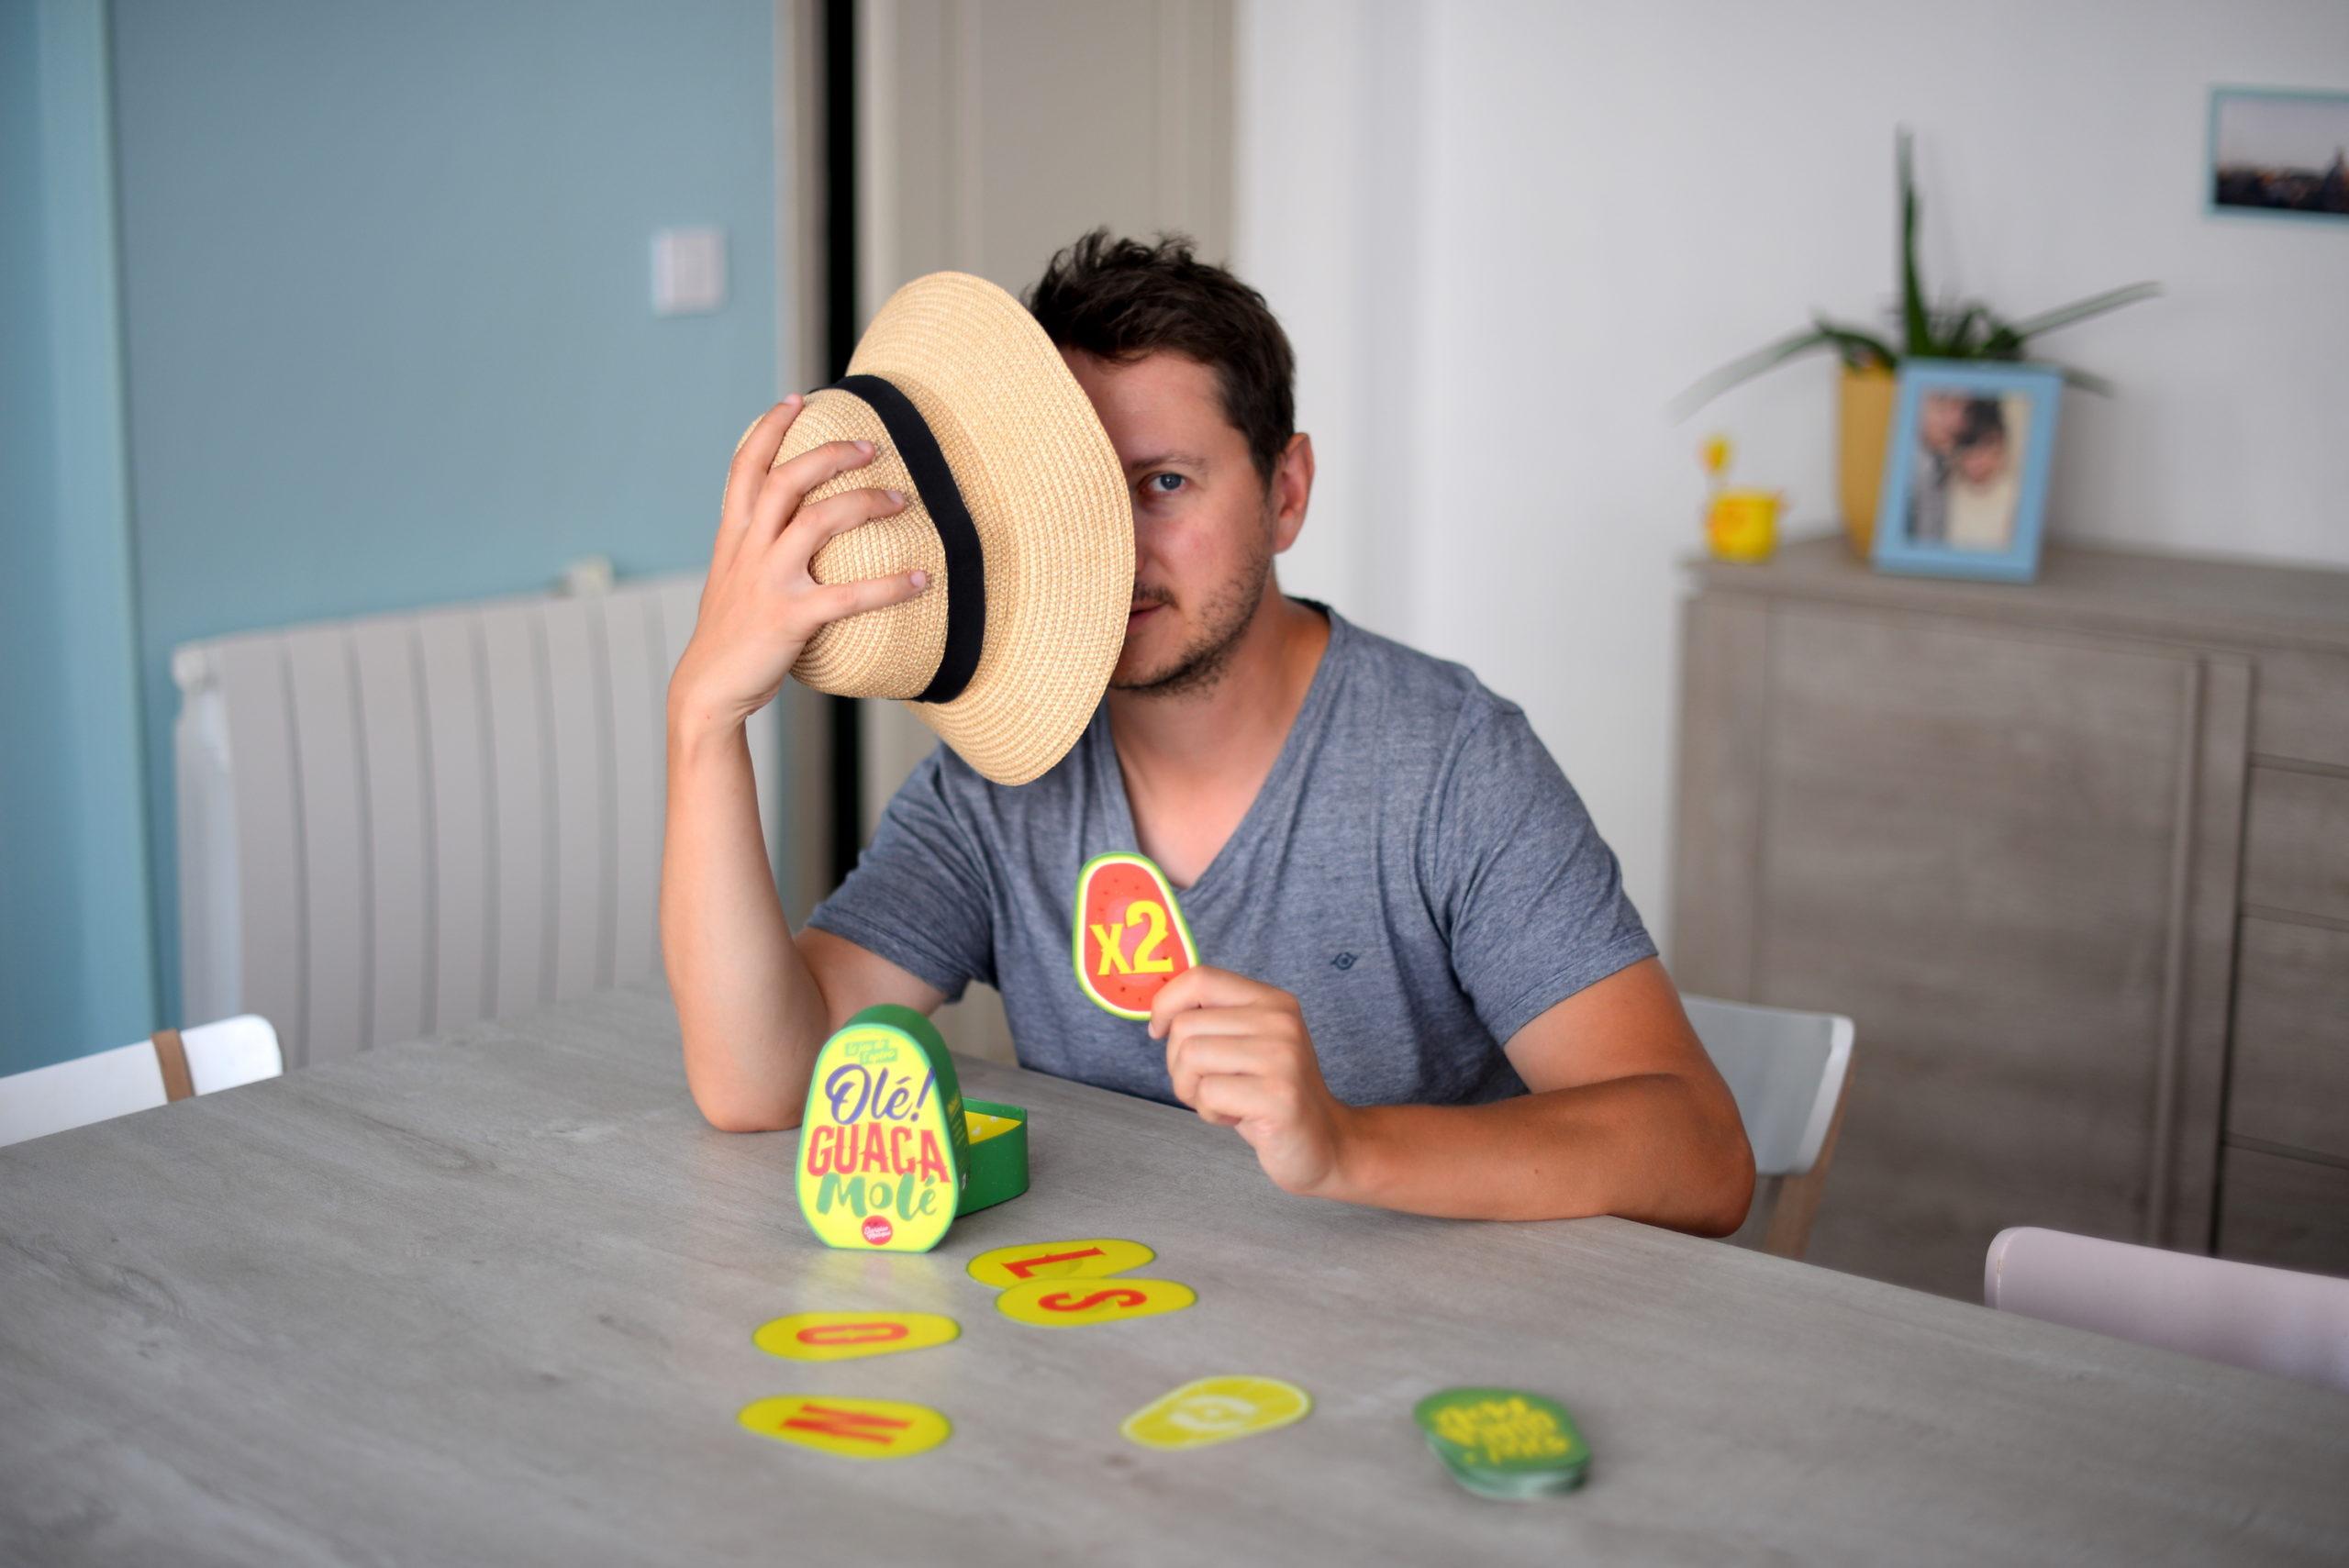 ole guacamole, jeu, test, avis, jeu d'apéro